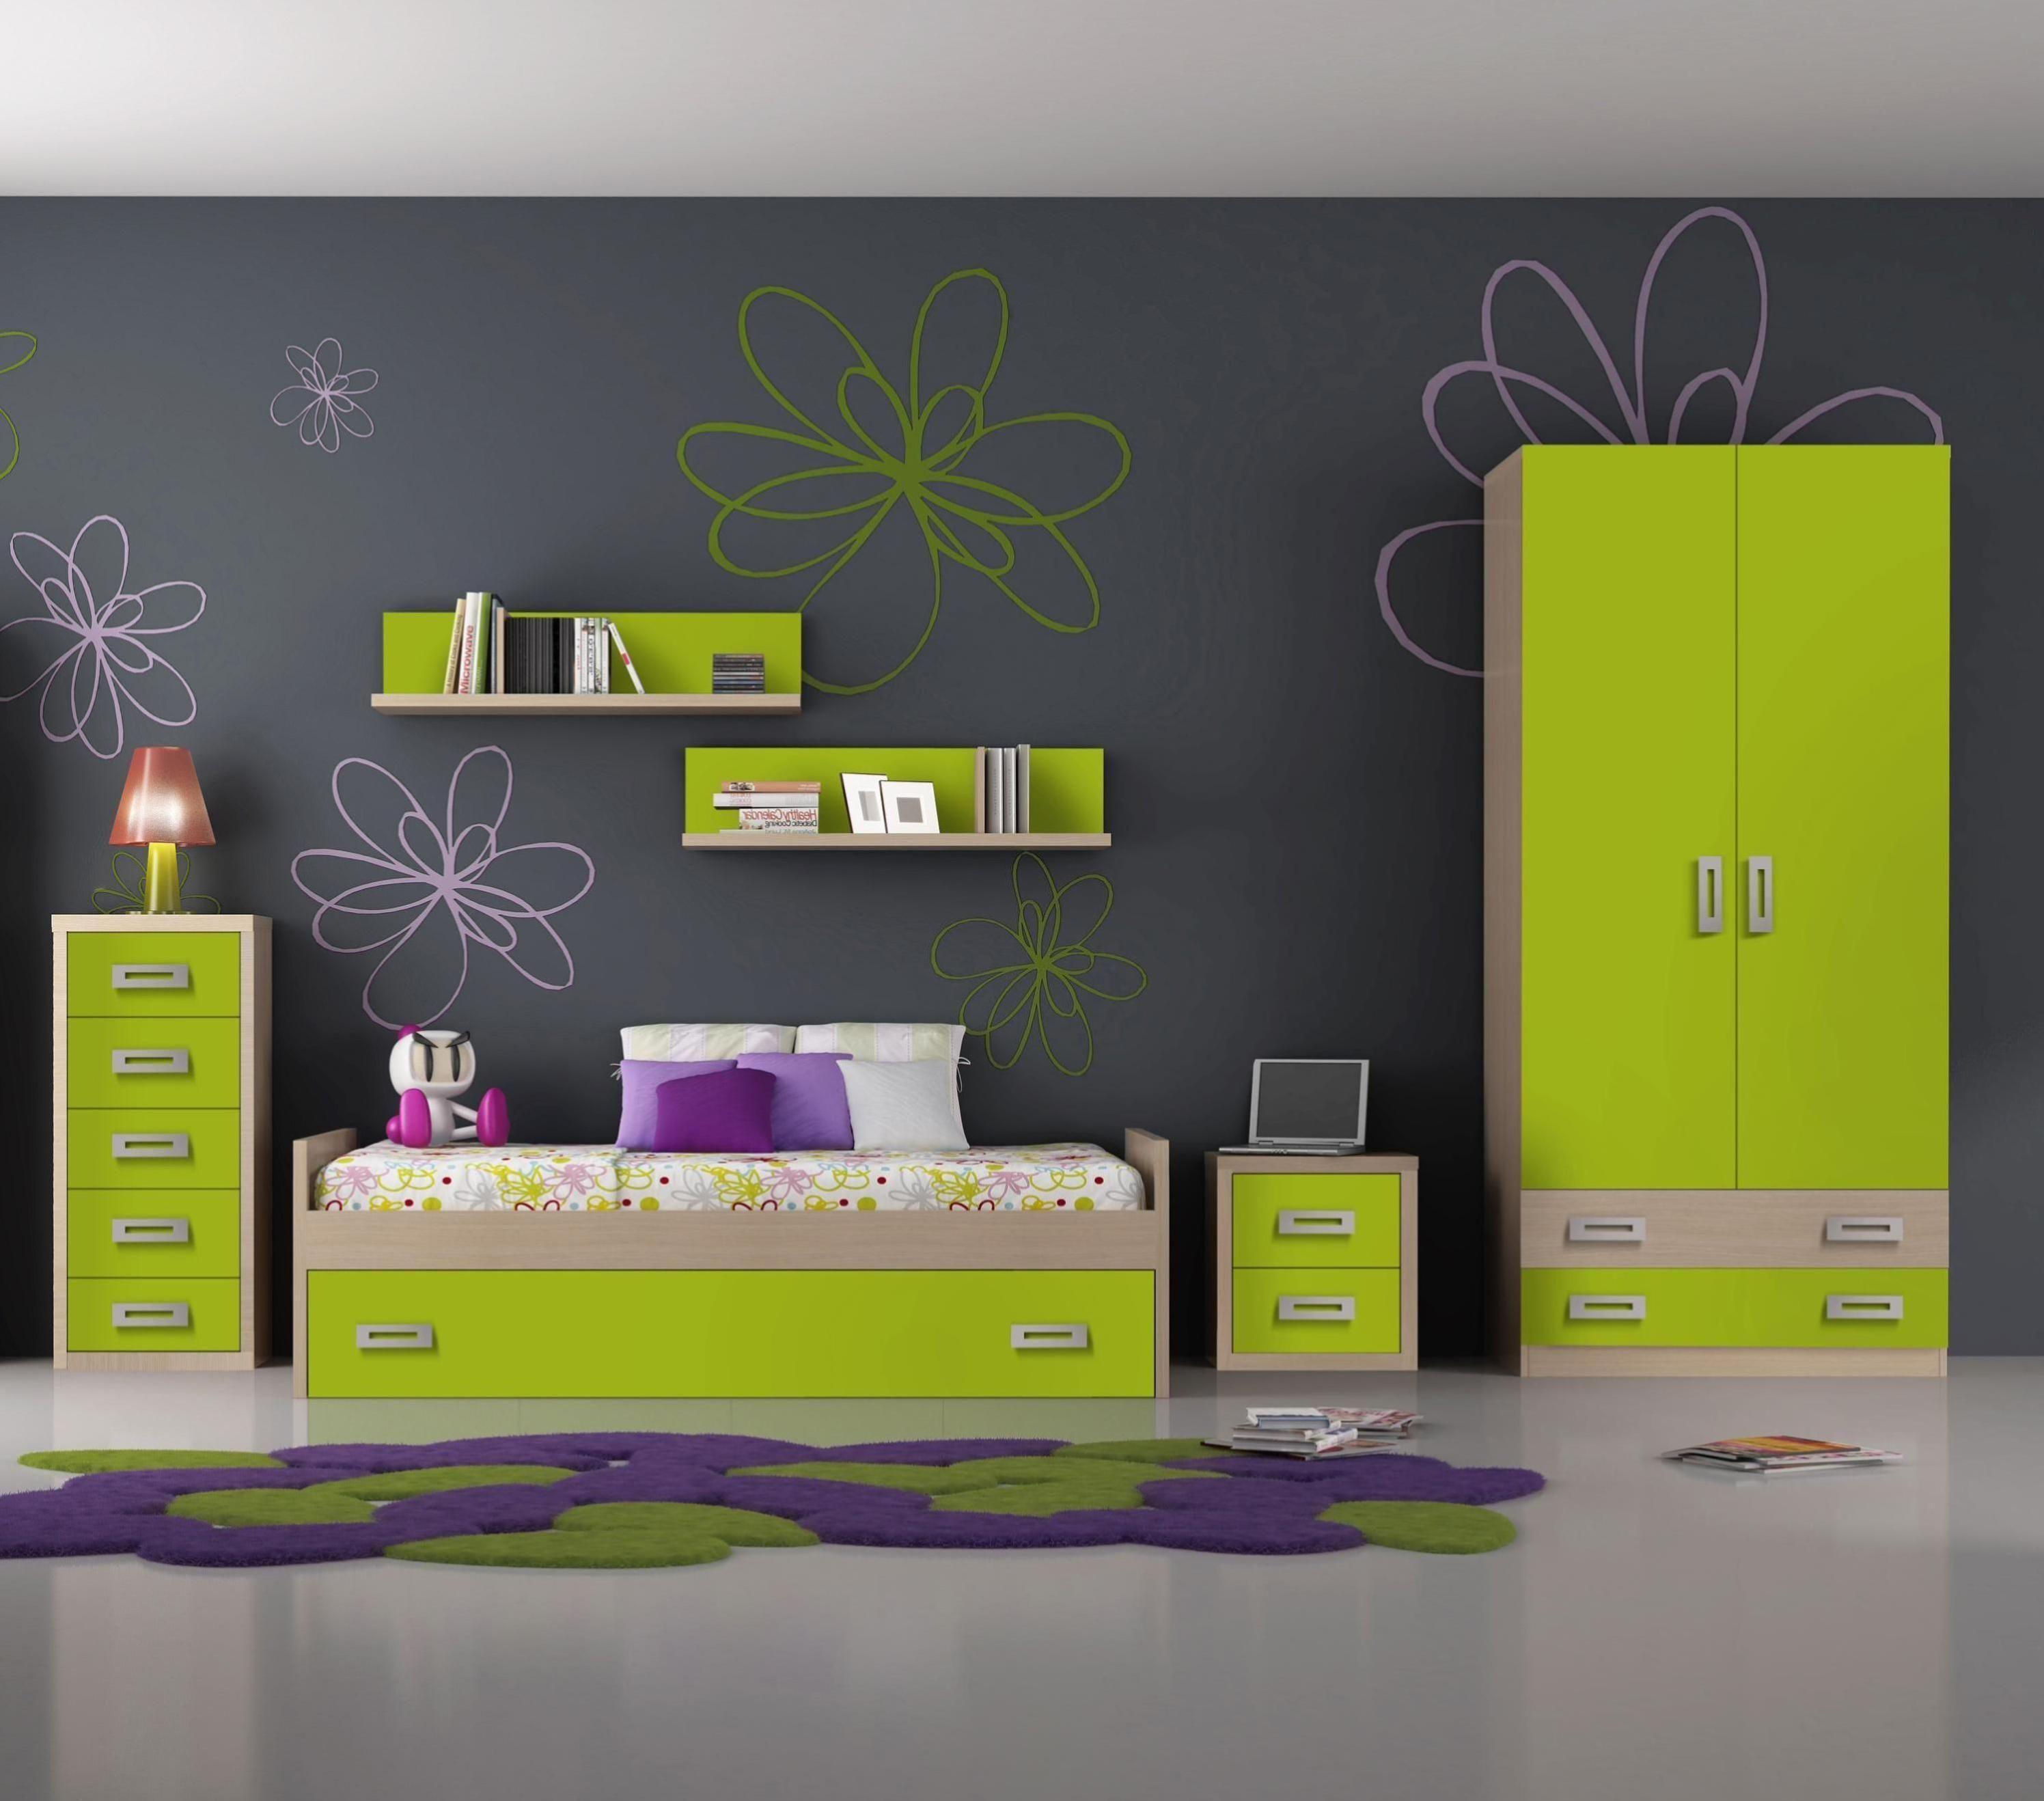 Dormitorios juveniles en merkamueble la iluminacin en los - Merkamueble en sevilla ...